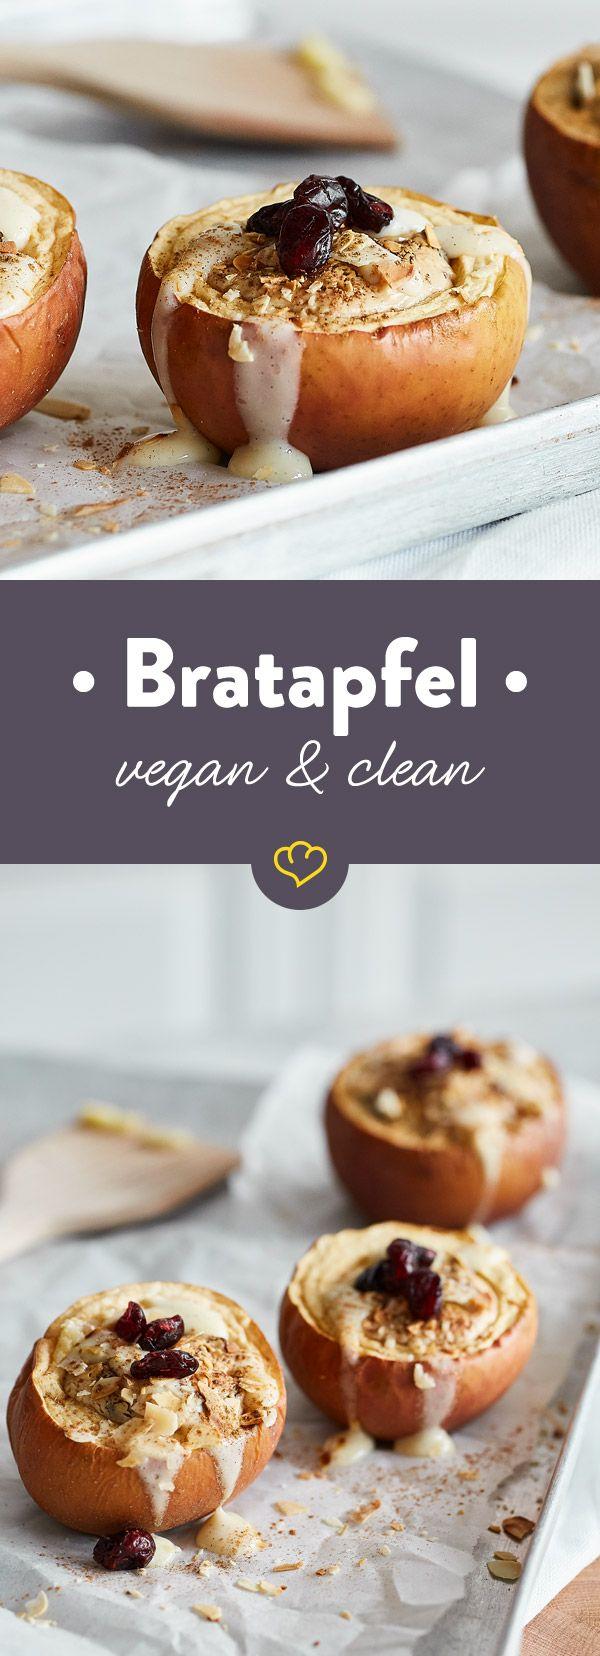 Milchprodukte und Marzipan sind raus. Mandelmus und Cranberries sind drin, in deinen Bratäpfeln. Die cremige Vanillesauce aus Sojamilch kommt oben drauf.